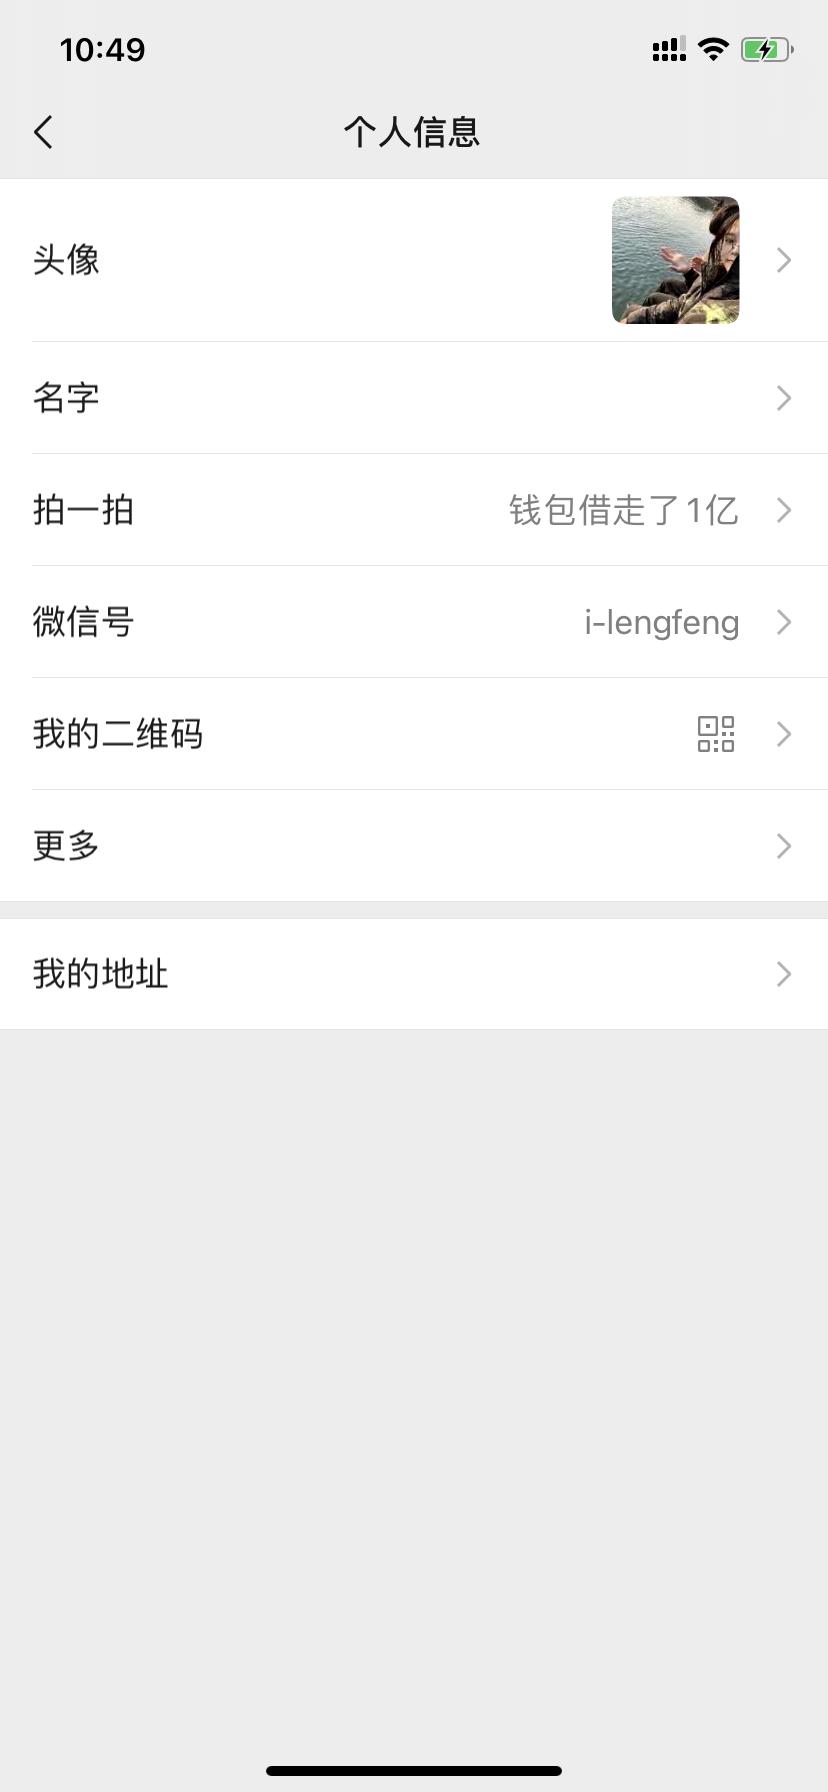 iOS微信拍一拍可以设置拍了拍内容了